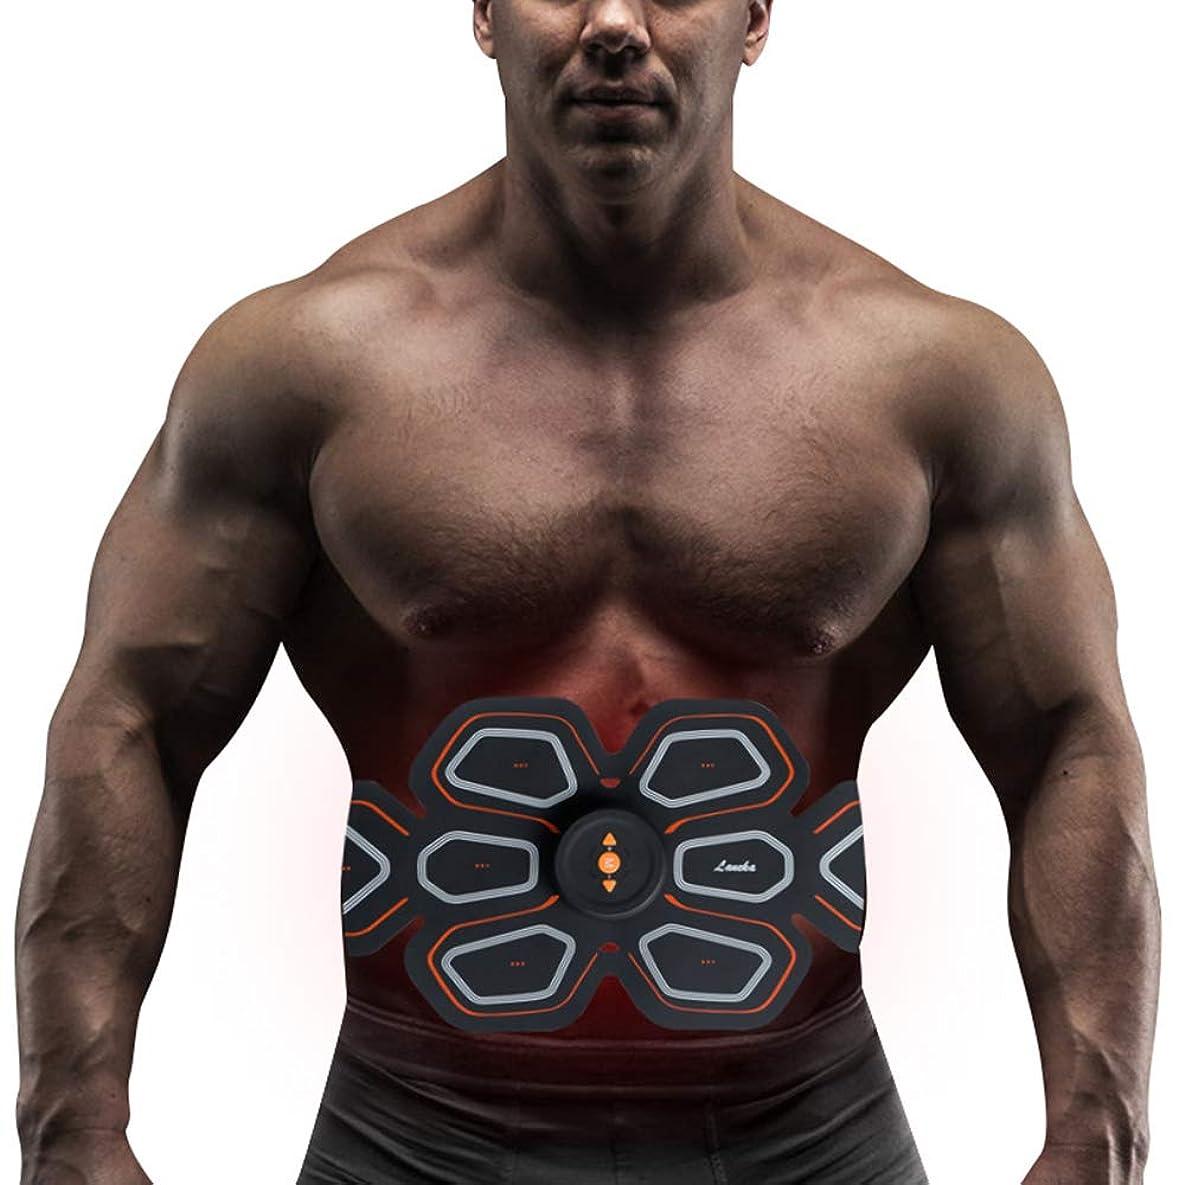 ホース探検国歌スマート腹部筋肉トレーナーusb電気マッサージフィットネス機器EMS筋肉刺激装置体重減少マッサージスポーツフィットネス機器ユニセックス